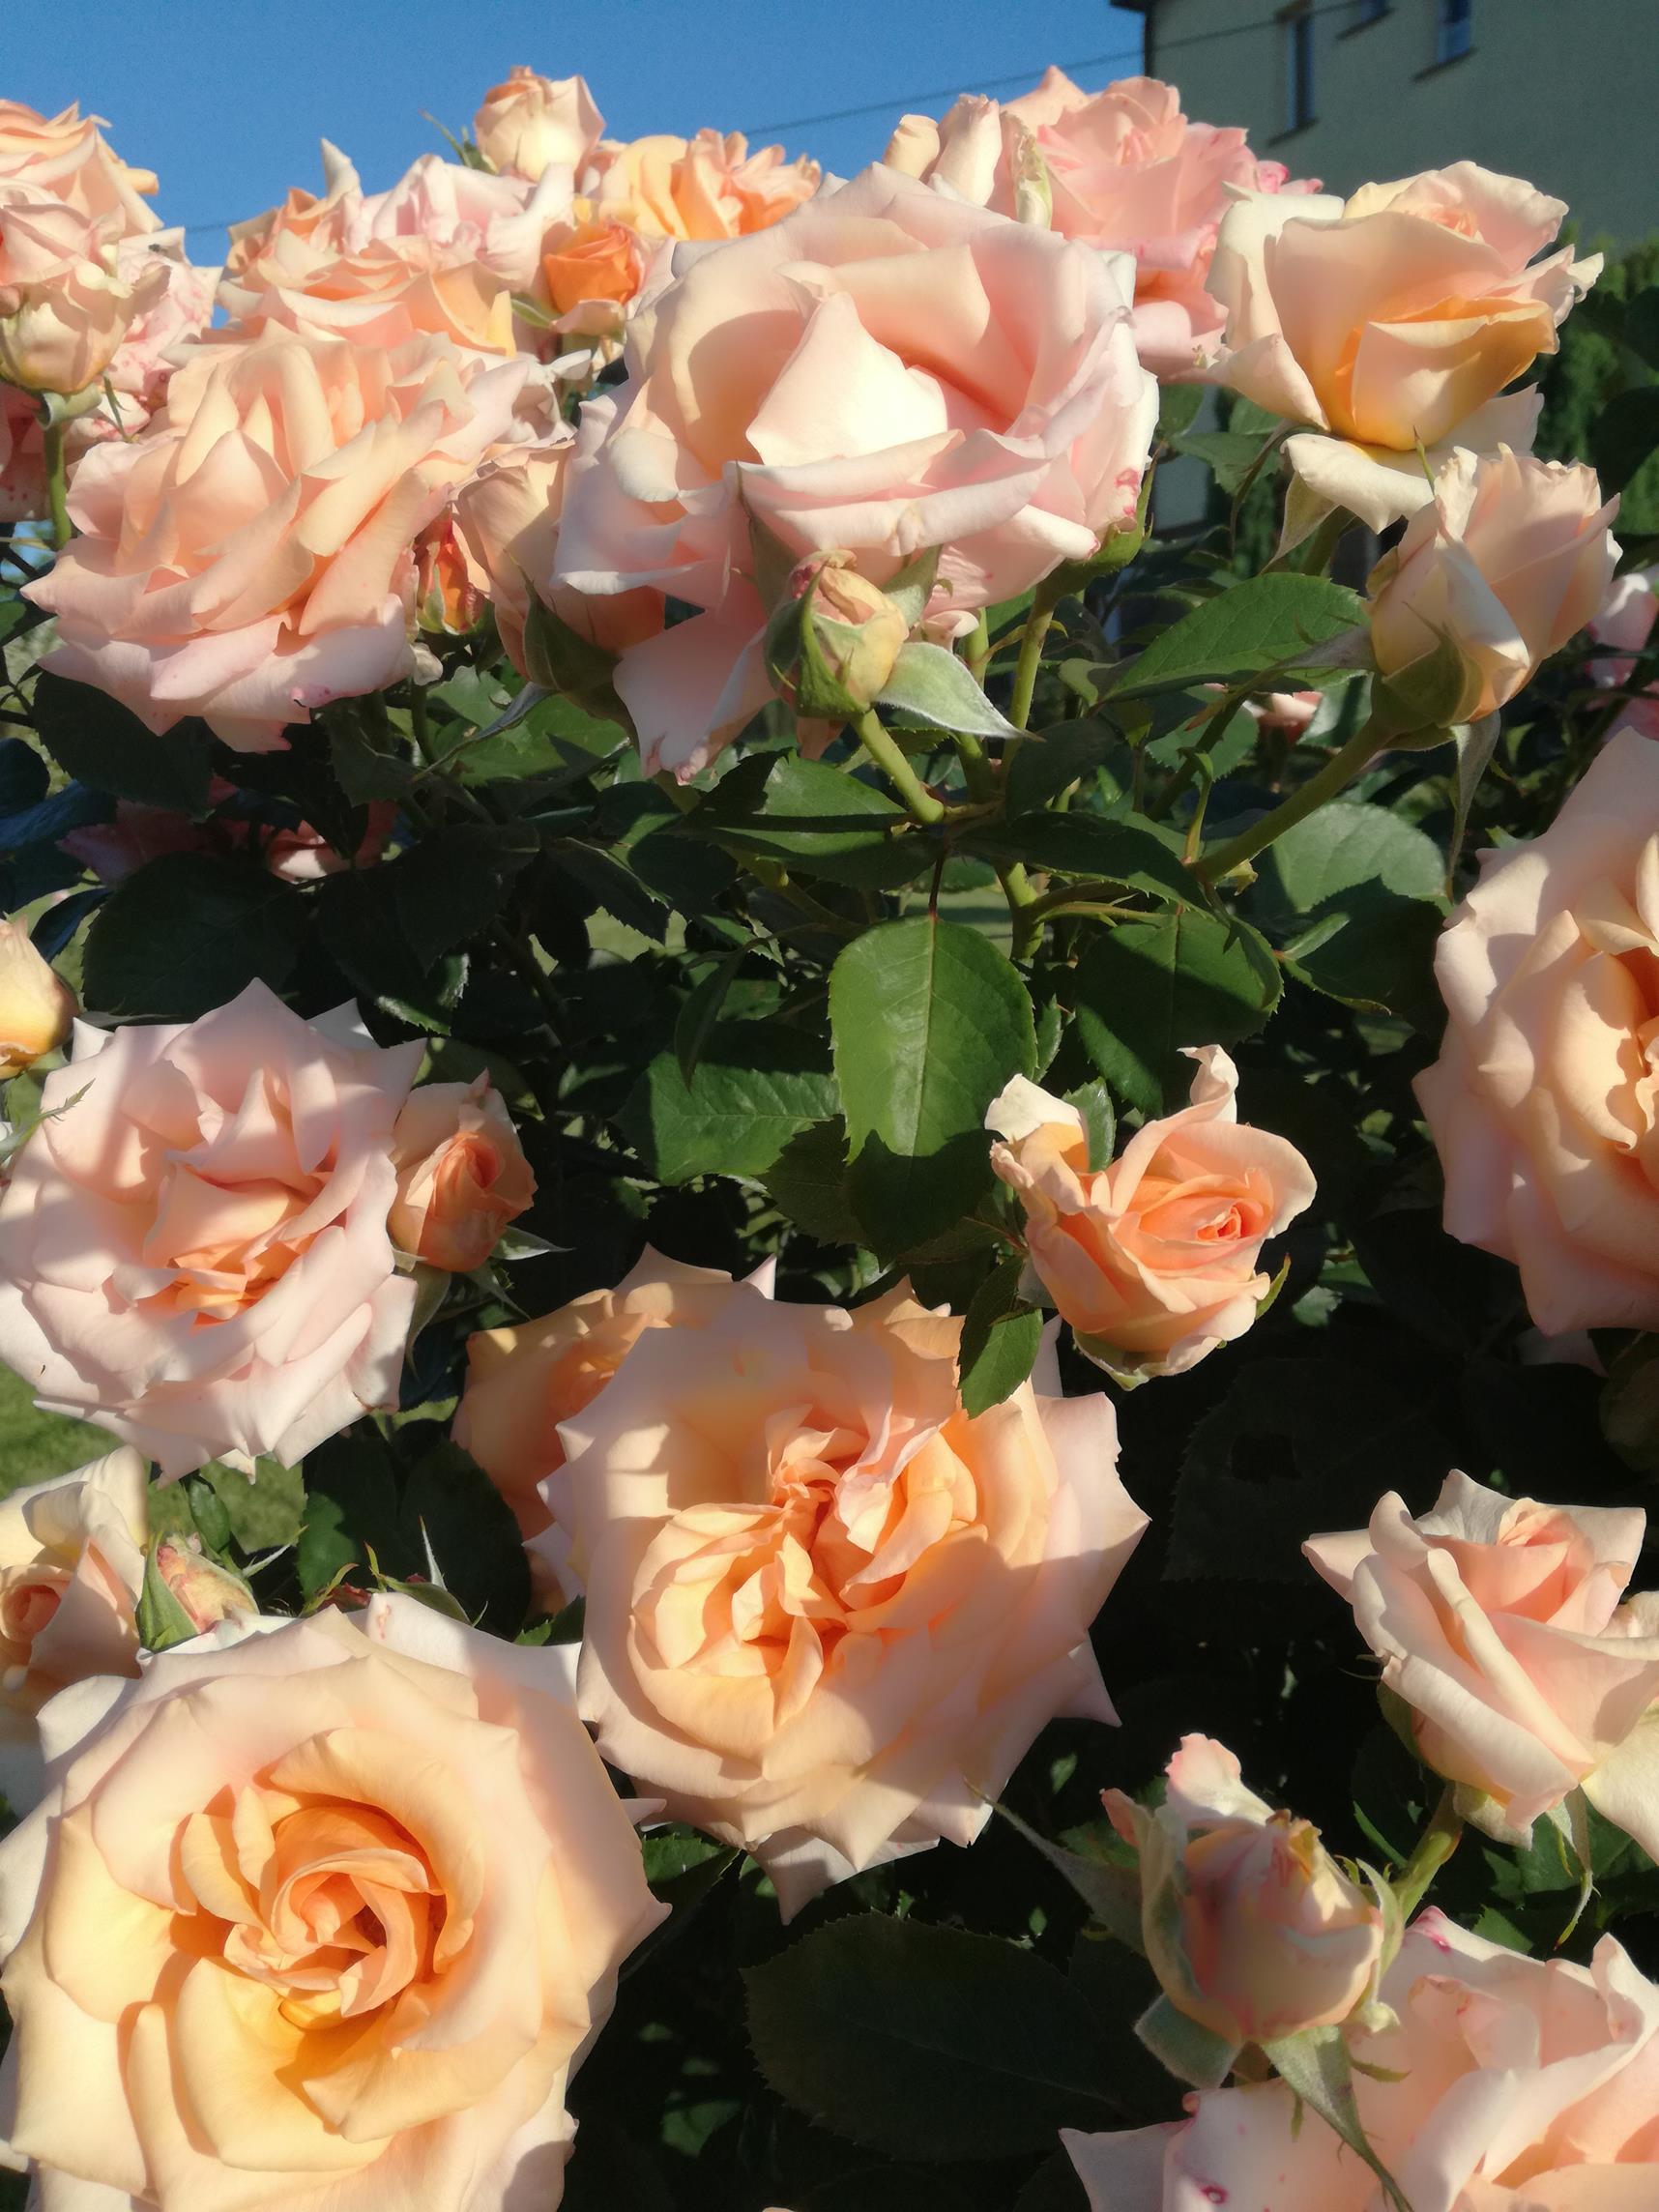 róża na pniu